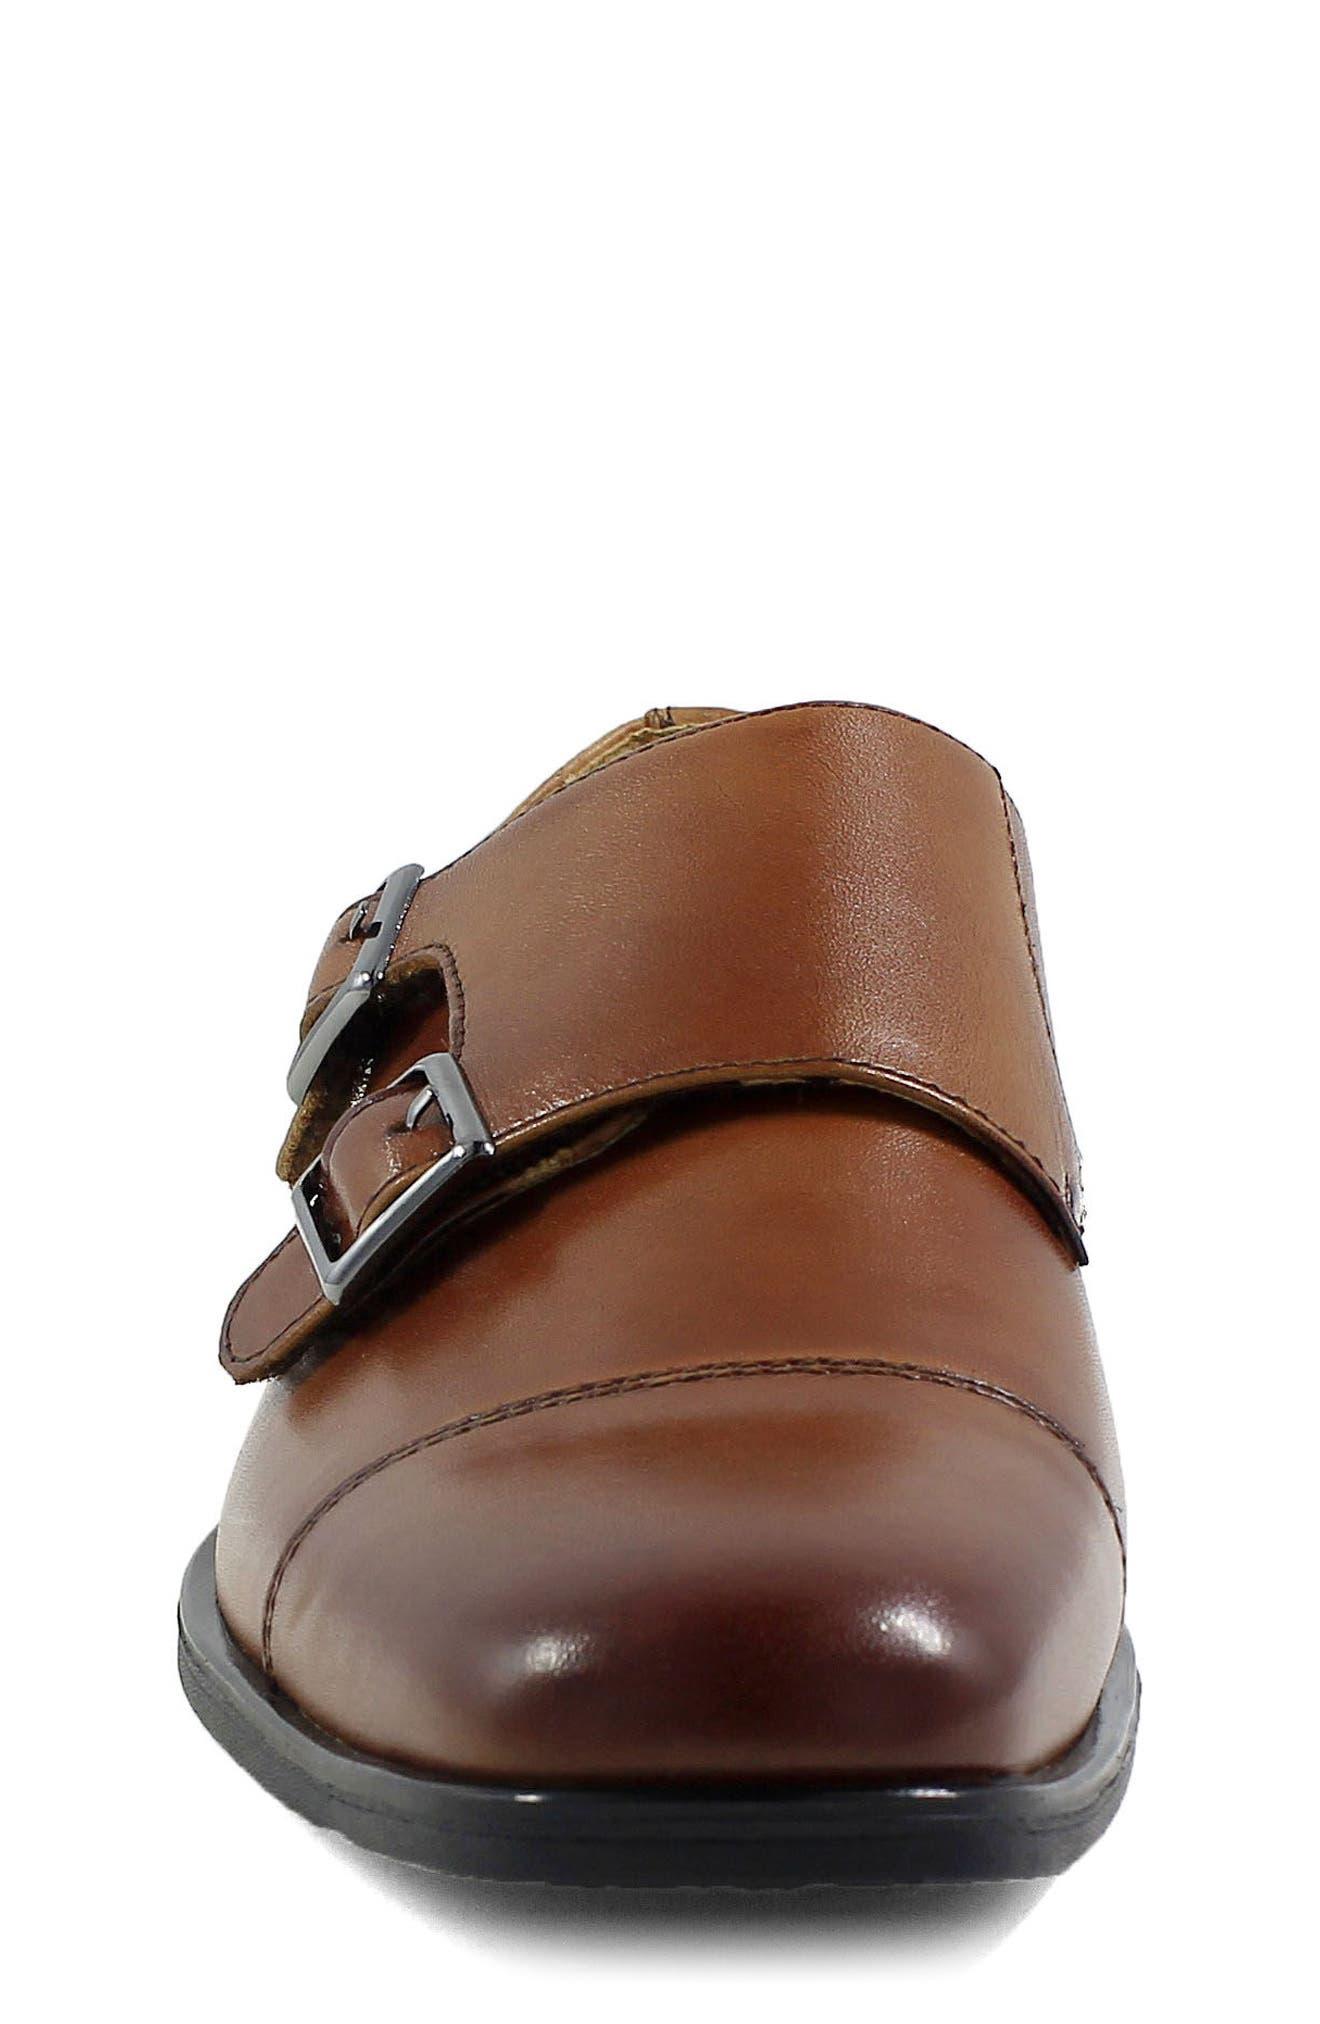 Reveal Double Monk Strap Shoe,                             Alternate thumbnail 4, color,                             COGNAC LEATHER